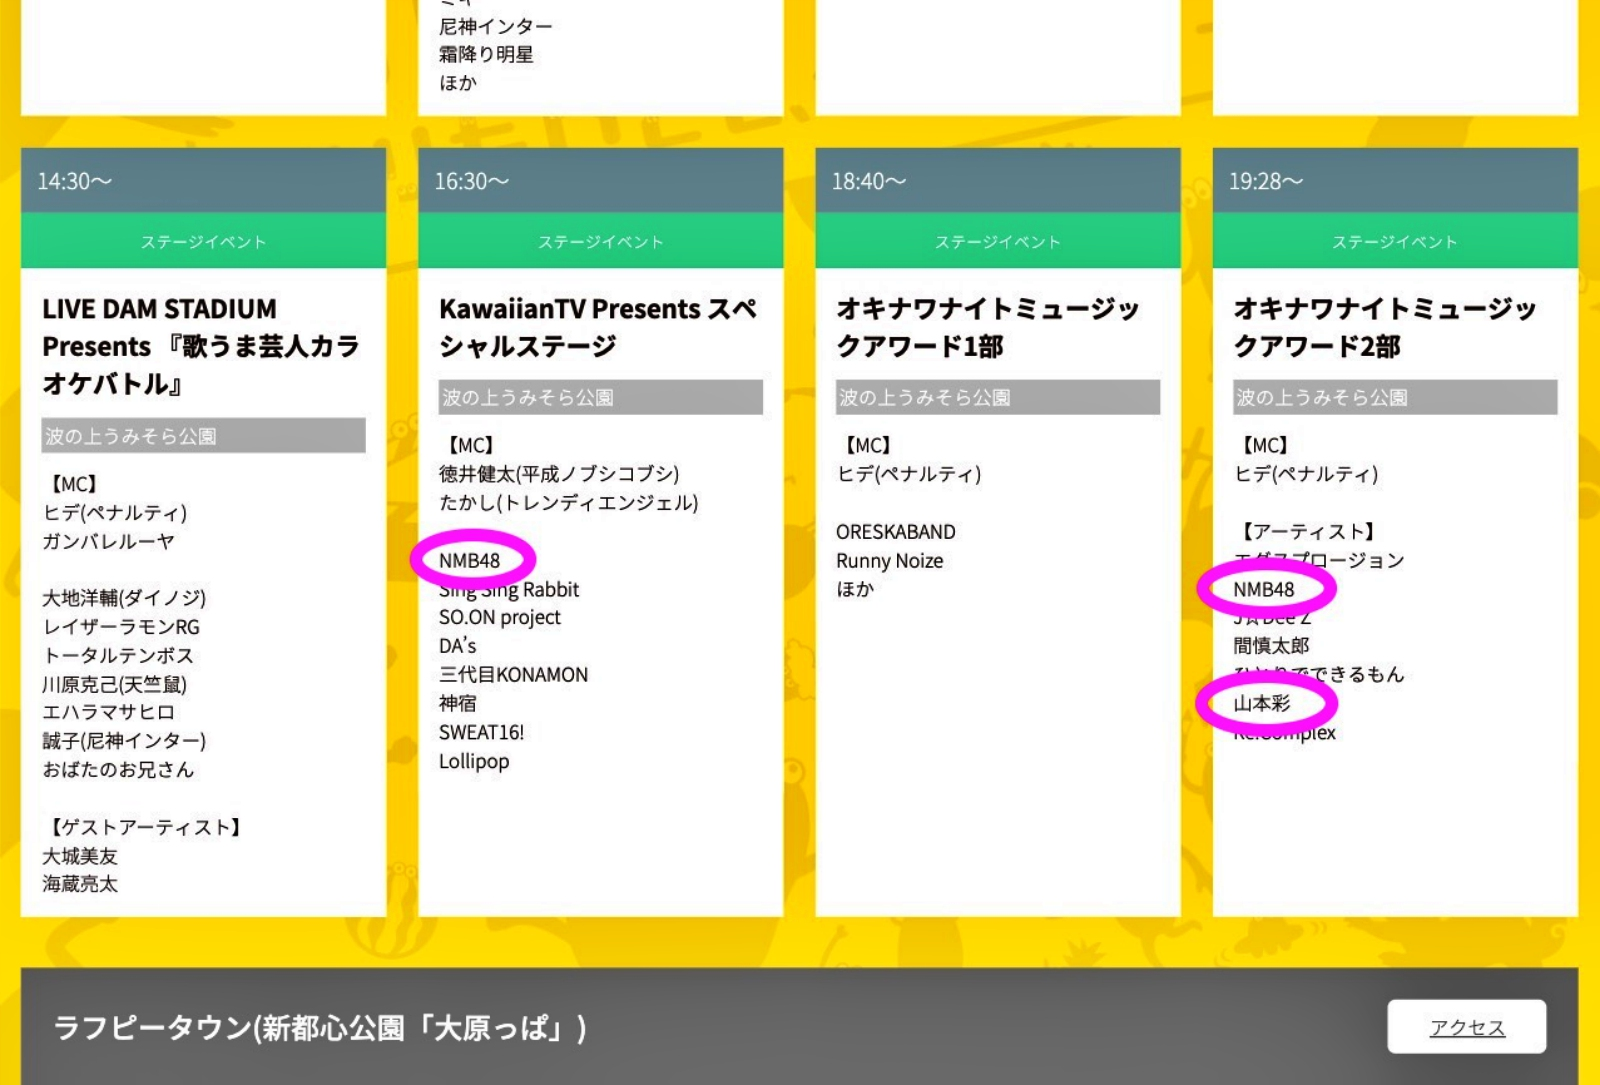 【NMB48/山本彩】第11回沖縄国際映画祭 4/19の「オキナワナイトミュージックアワード2部」でNMB48とさや姉が同じステージに。